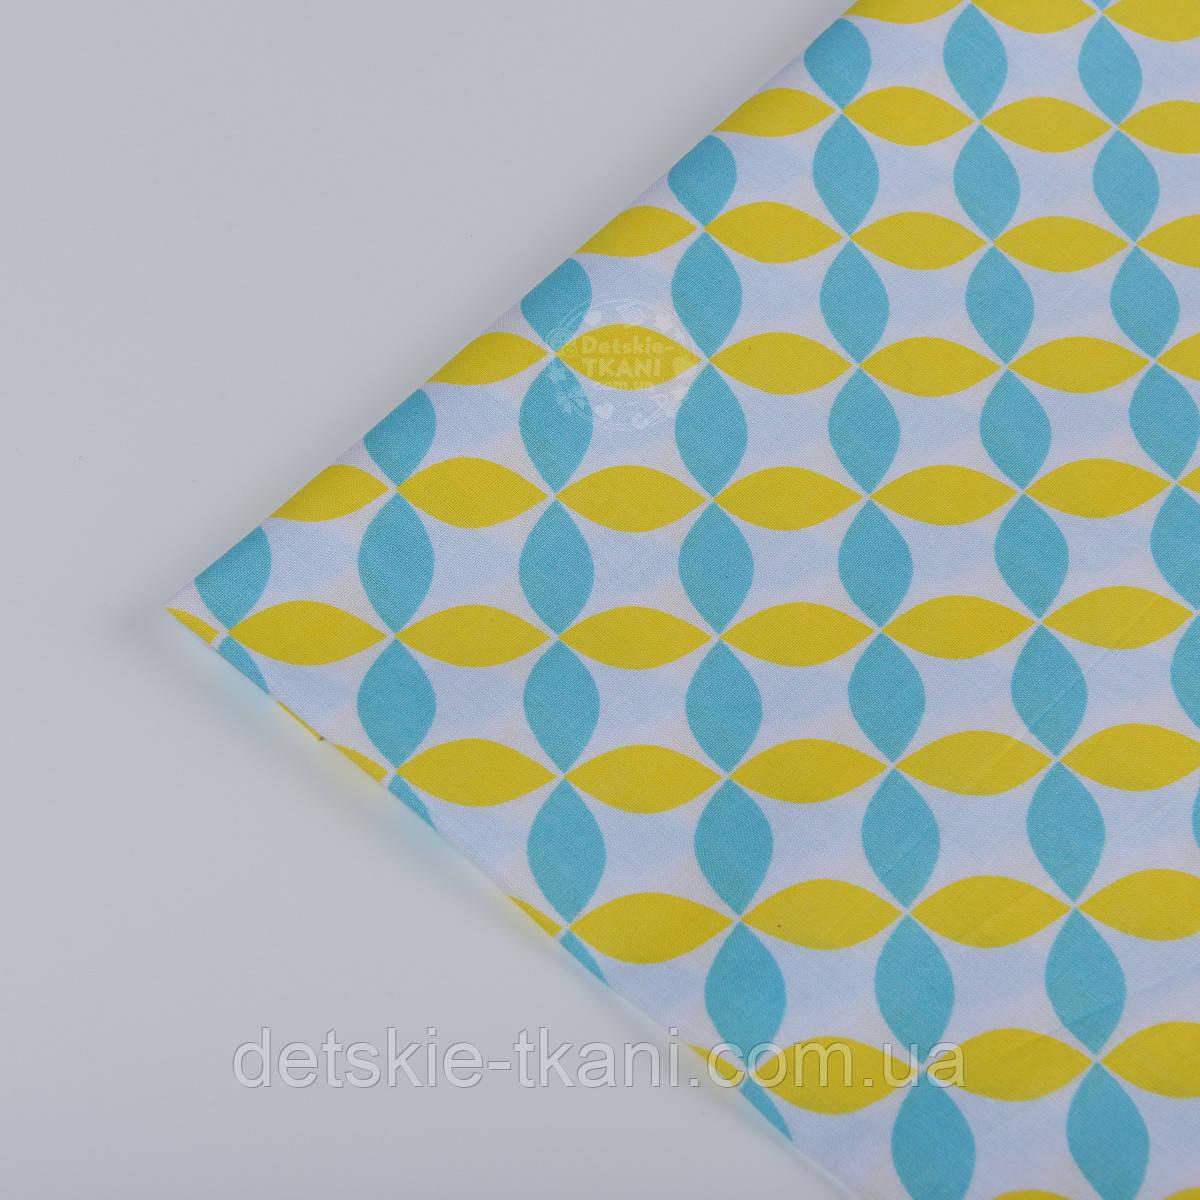 Лоскут ткани №385а с сеткой из лепестков жёлто-бирюзового цвета, размер 21*78 см